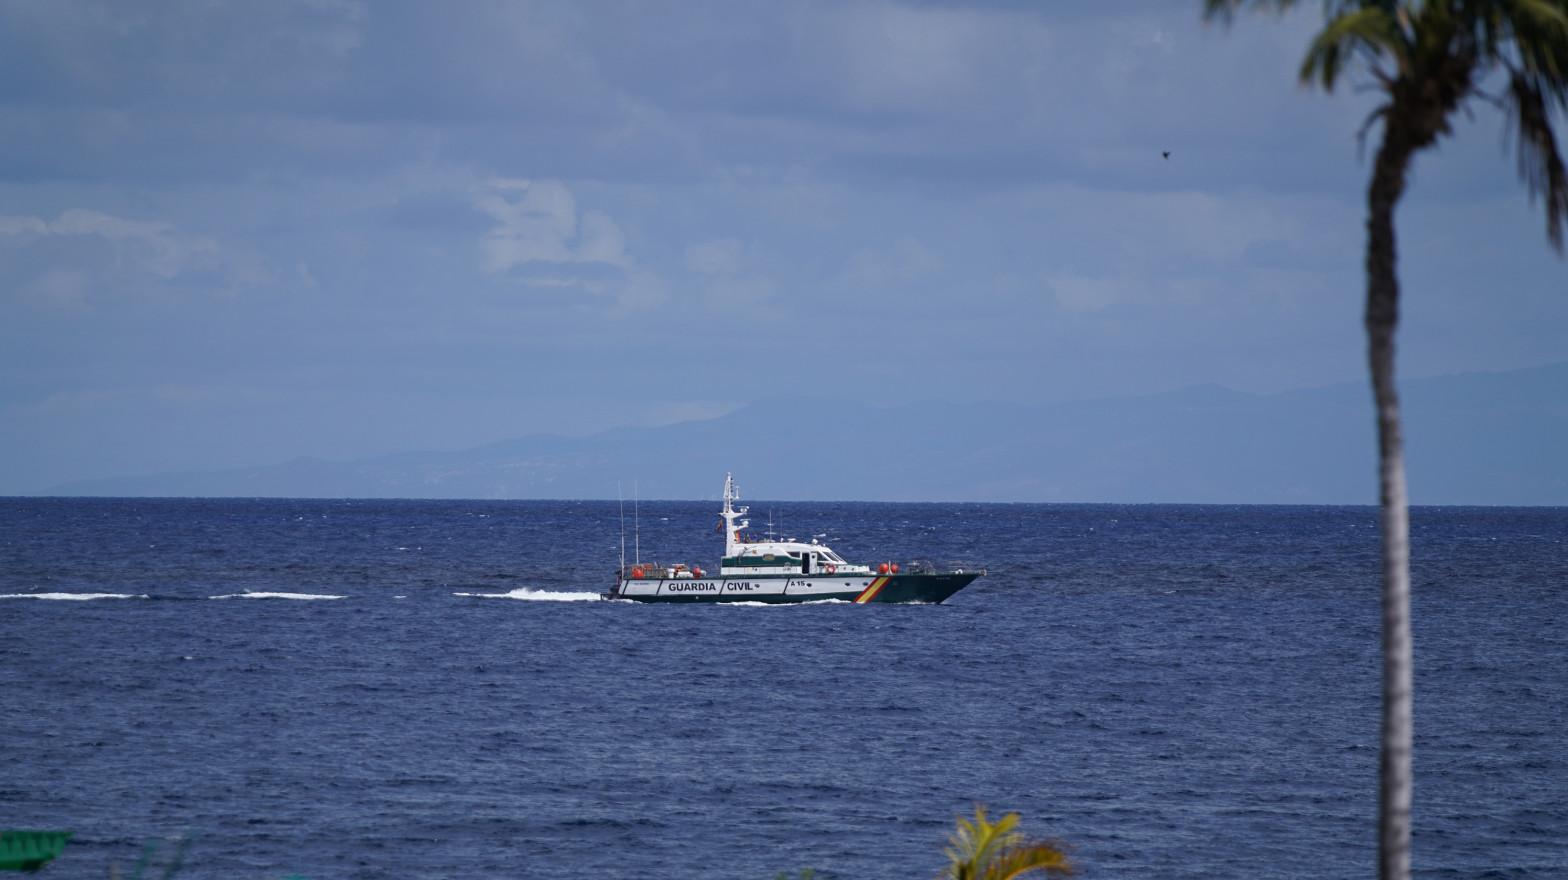 Encuentran una botella de oxígeno y una sábana en la zona donde se busca a las niñas desaparecidas en Tenerife